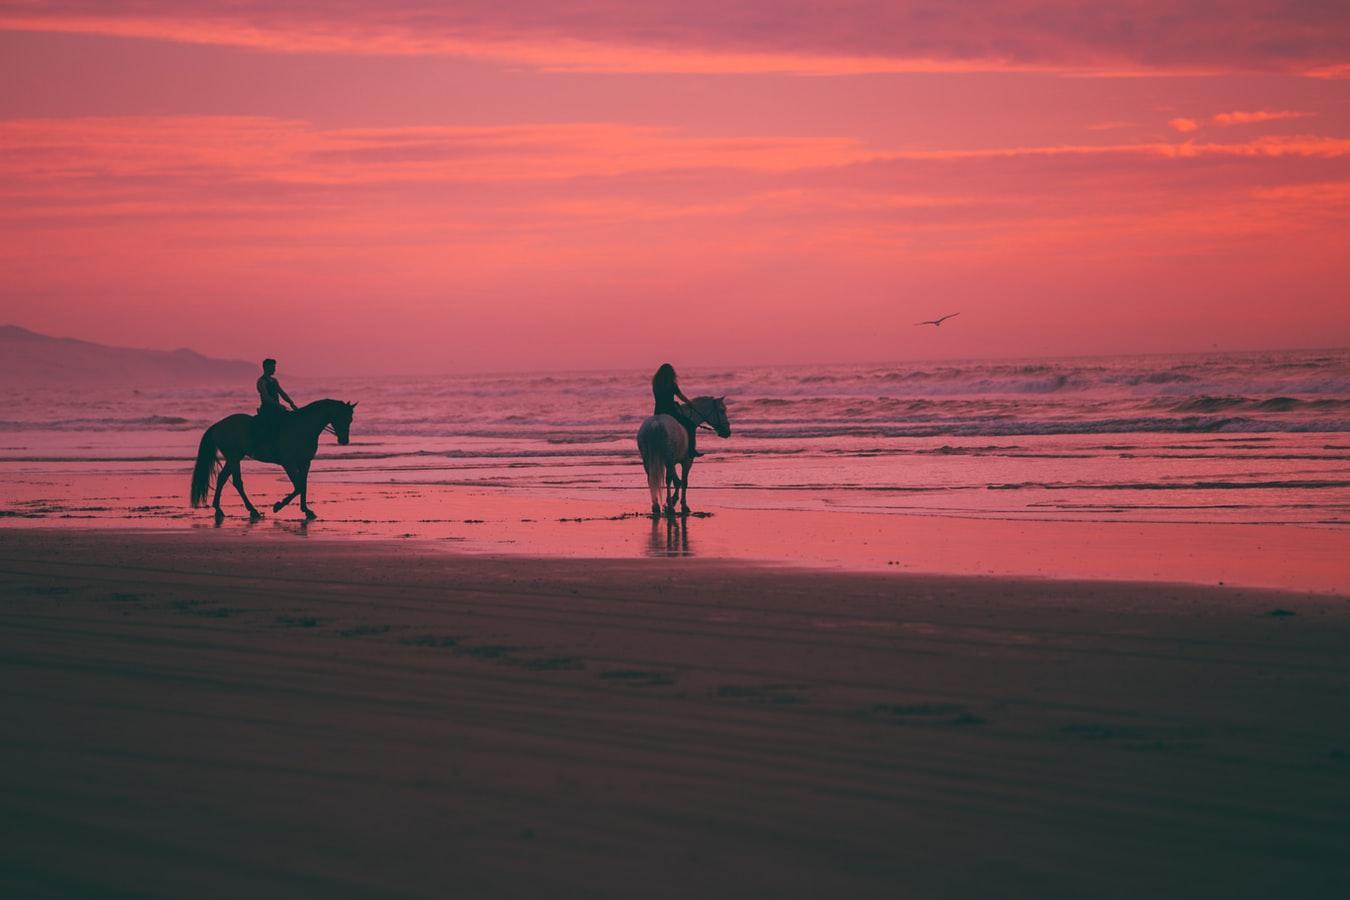 deux chevaux sur la plage en guadeloupe